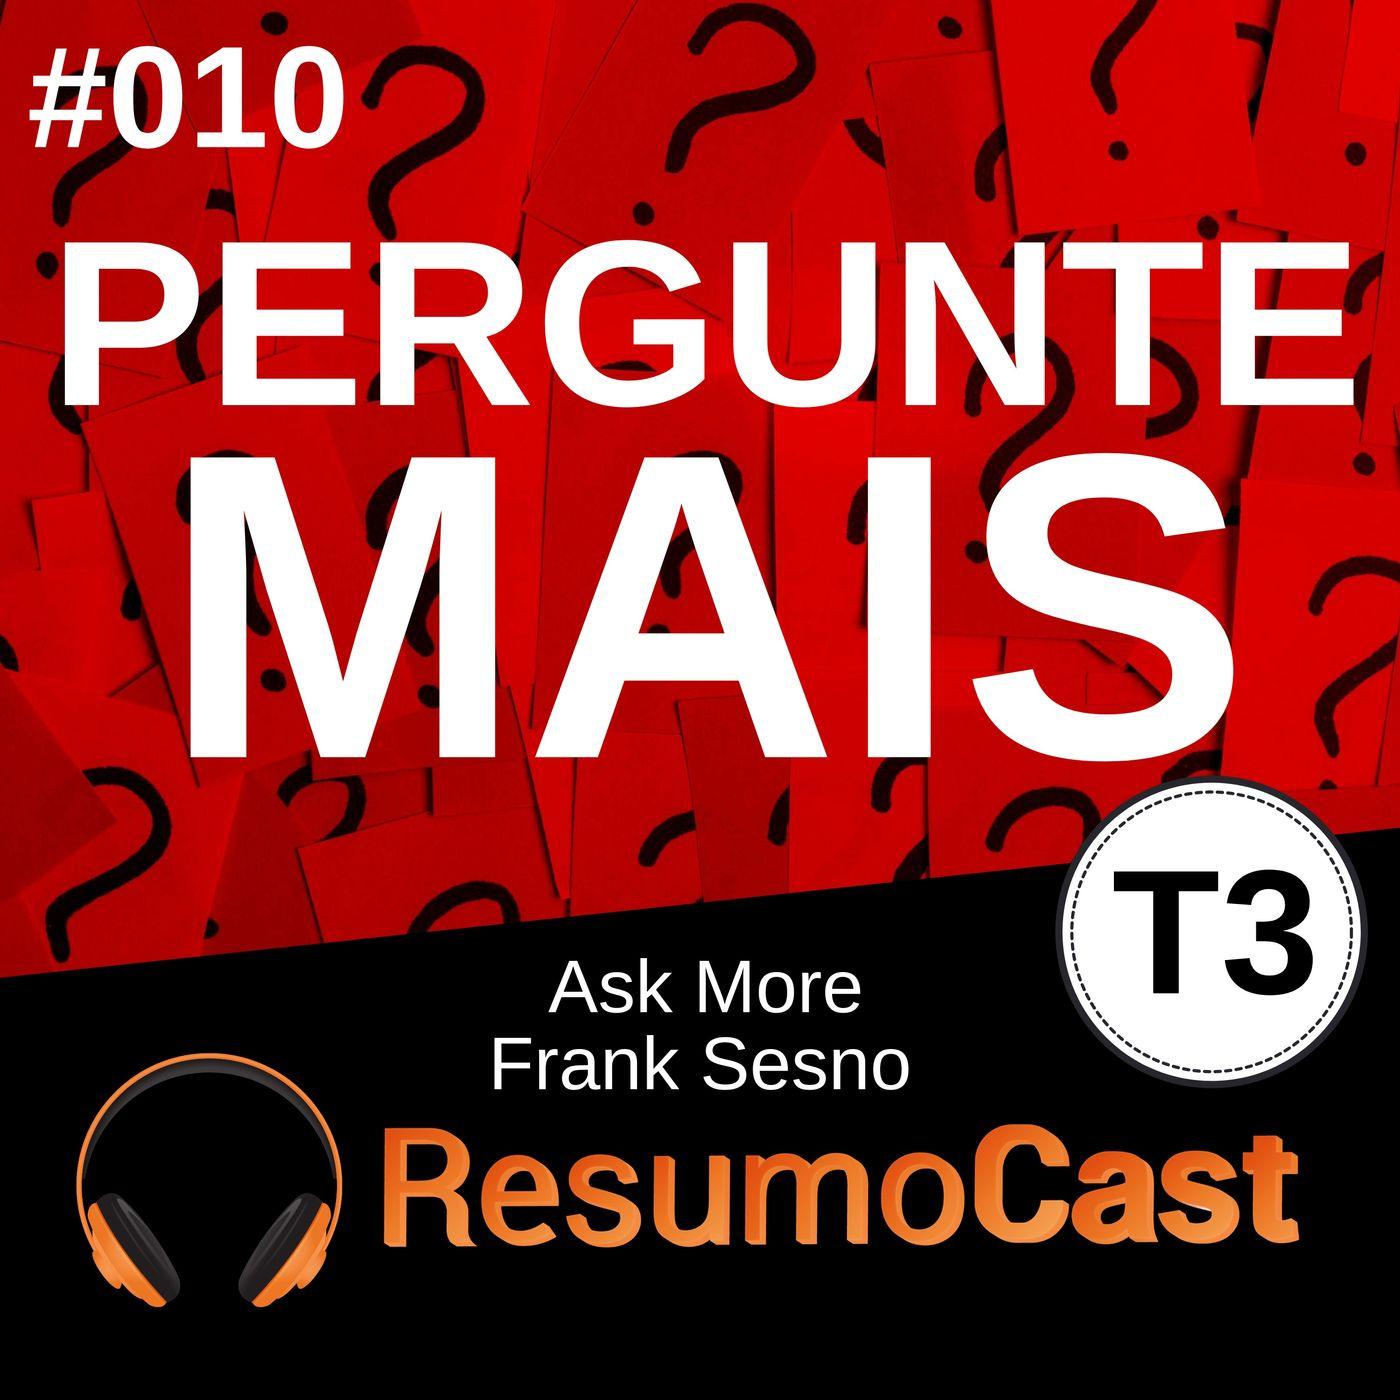 T3#010 Pergunte Mais - Ask More | Frank Sesno